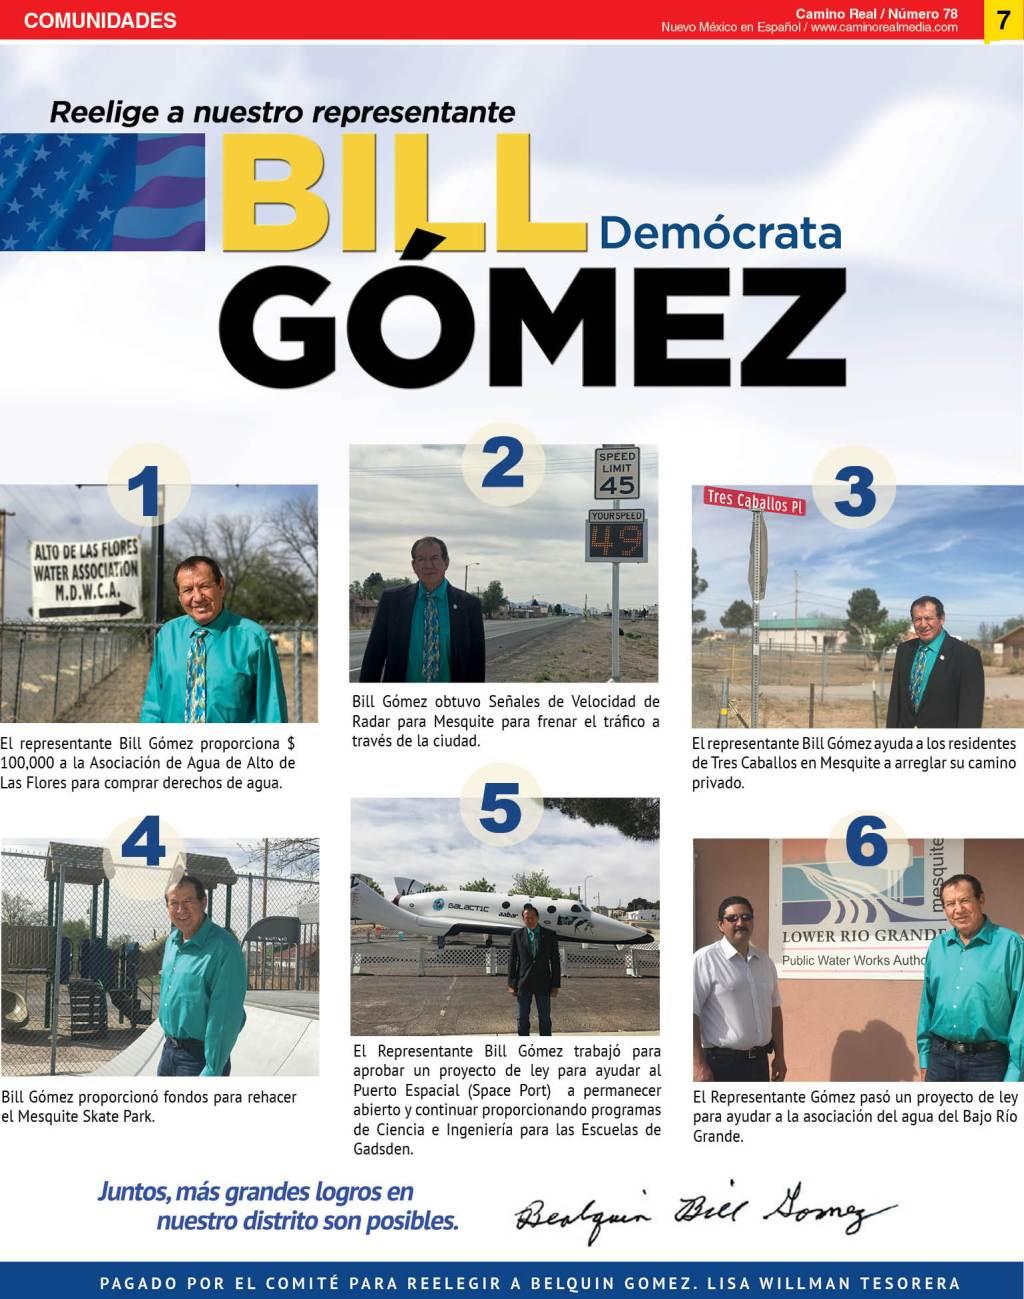 Logros de Bill Gomez